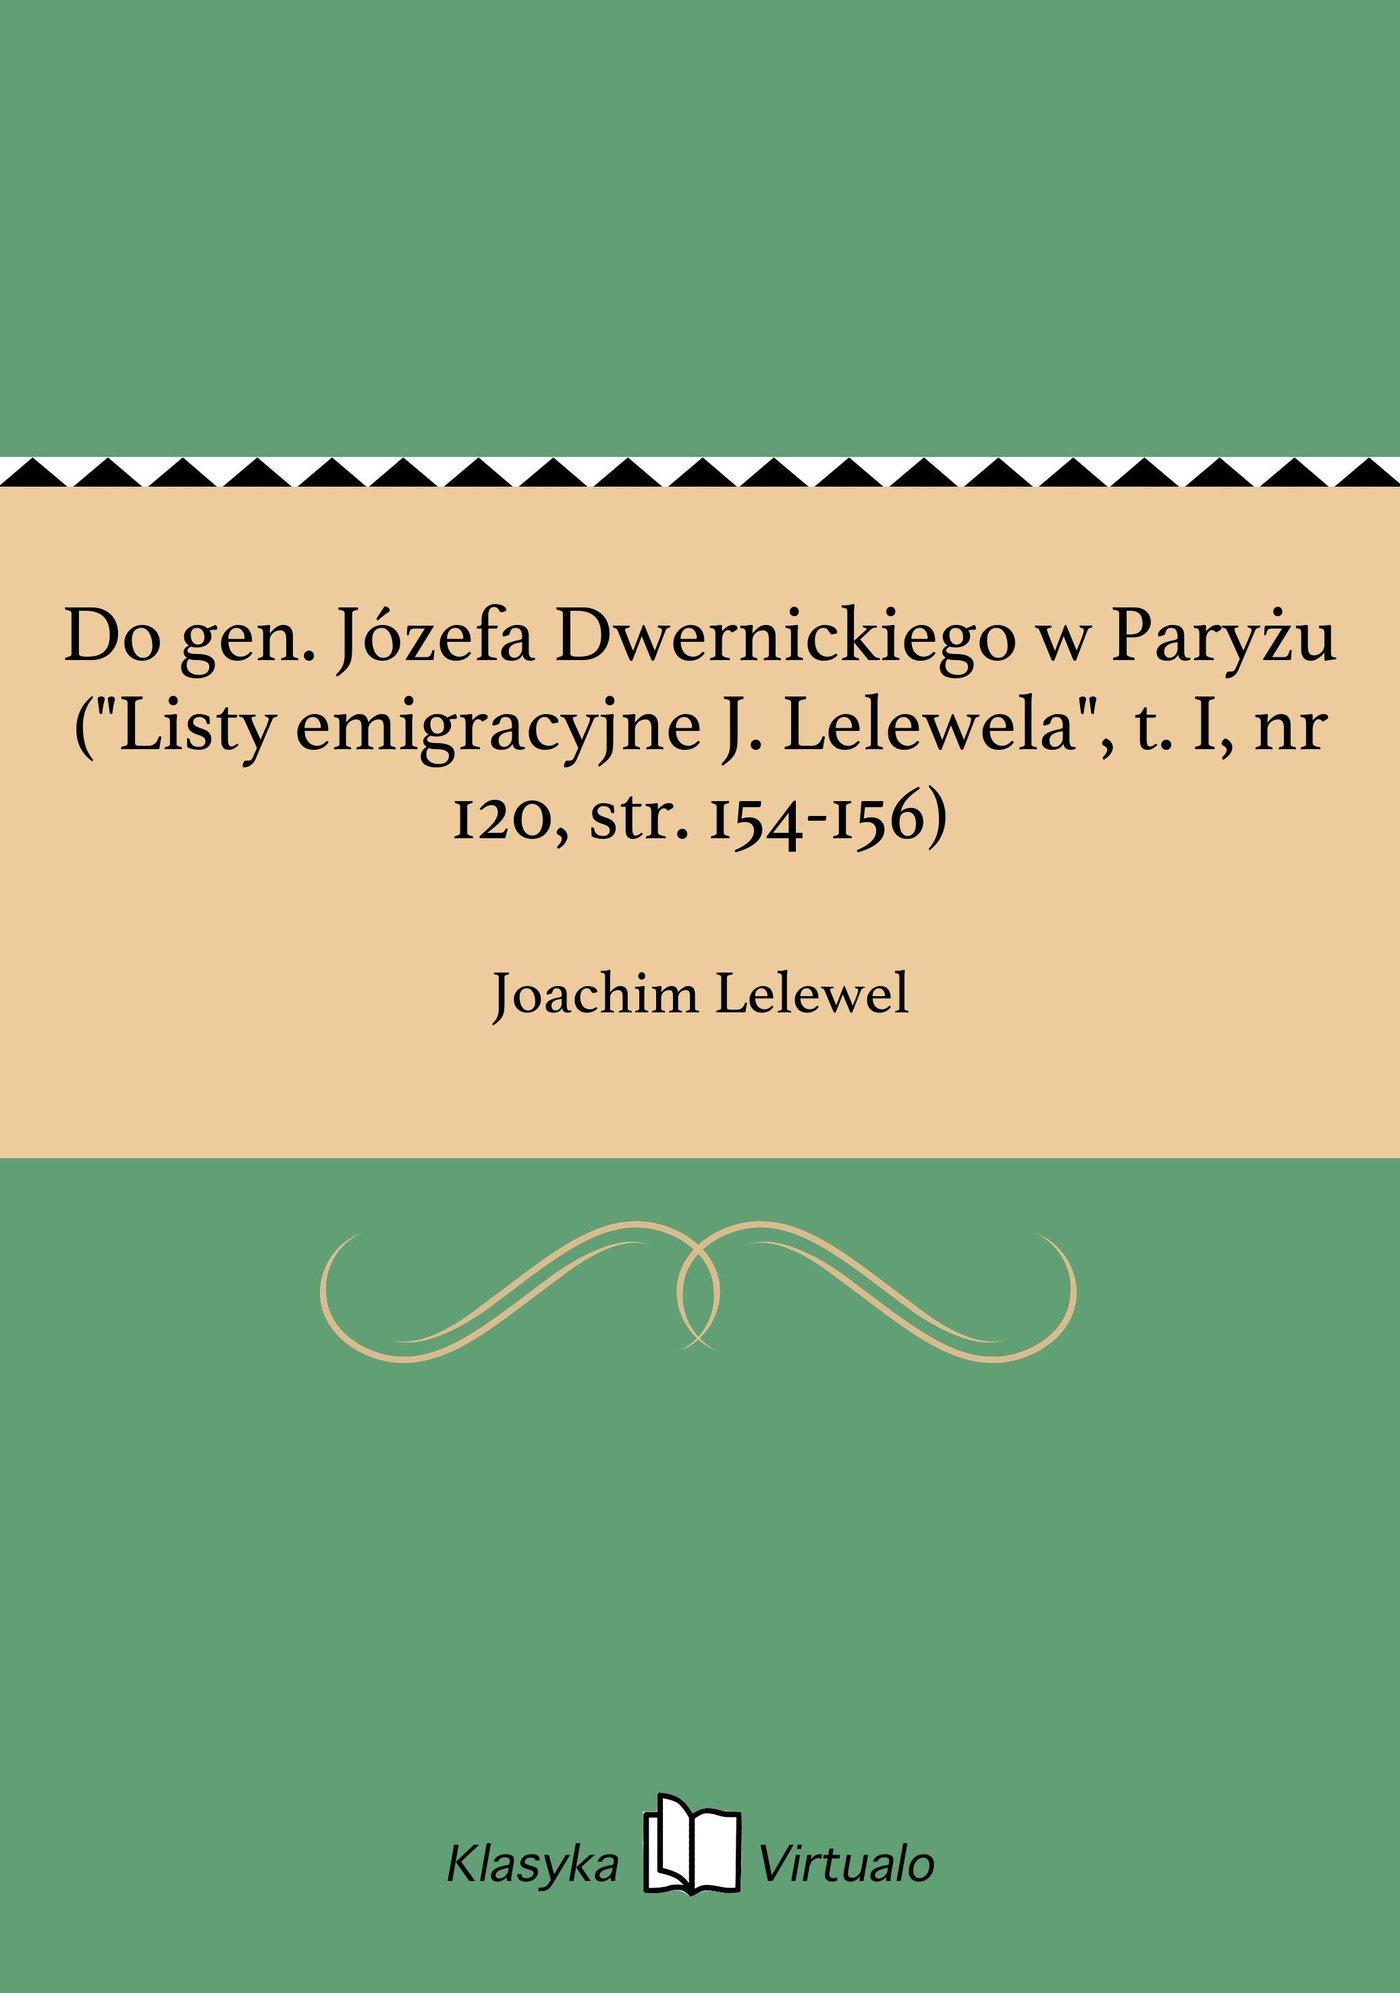 """Do gen. Józefa Dwernickiego w Paryżu (""""Listy emigracyjne J. Lelewela"""", t. I, nr 120, str. 154-156) - Ebook (Książka na Kindle) do pobrania w formacie MOBI"""